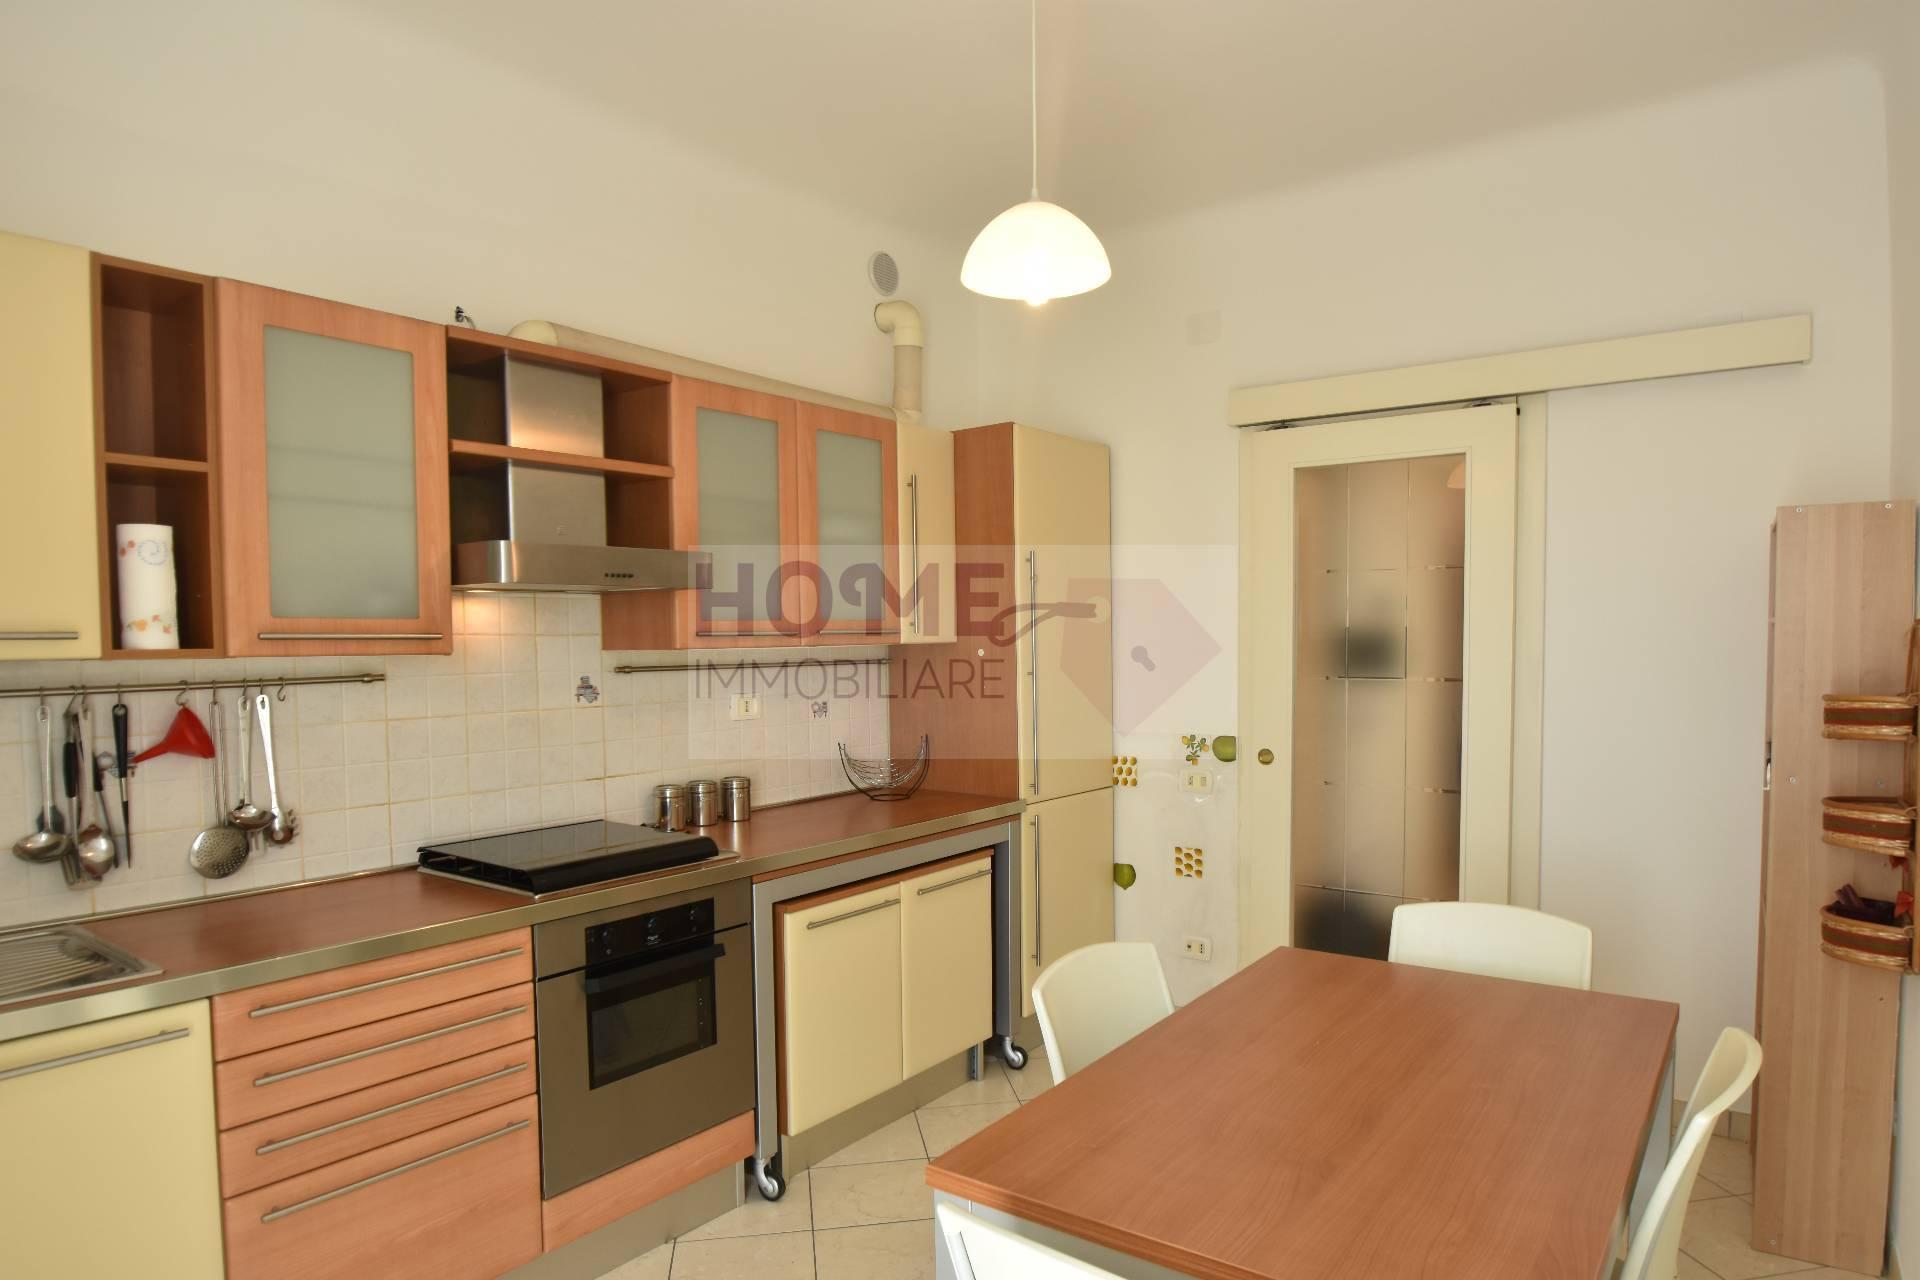 macerata affitto quart: zona centrale home immobiliare srl